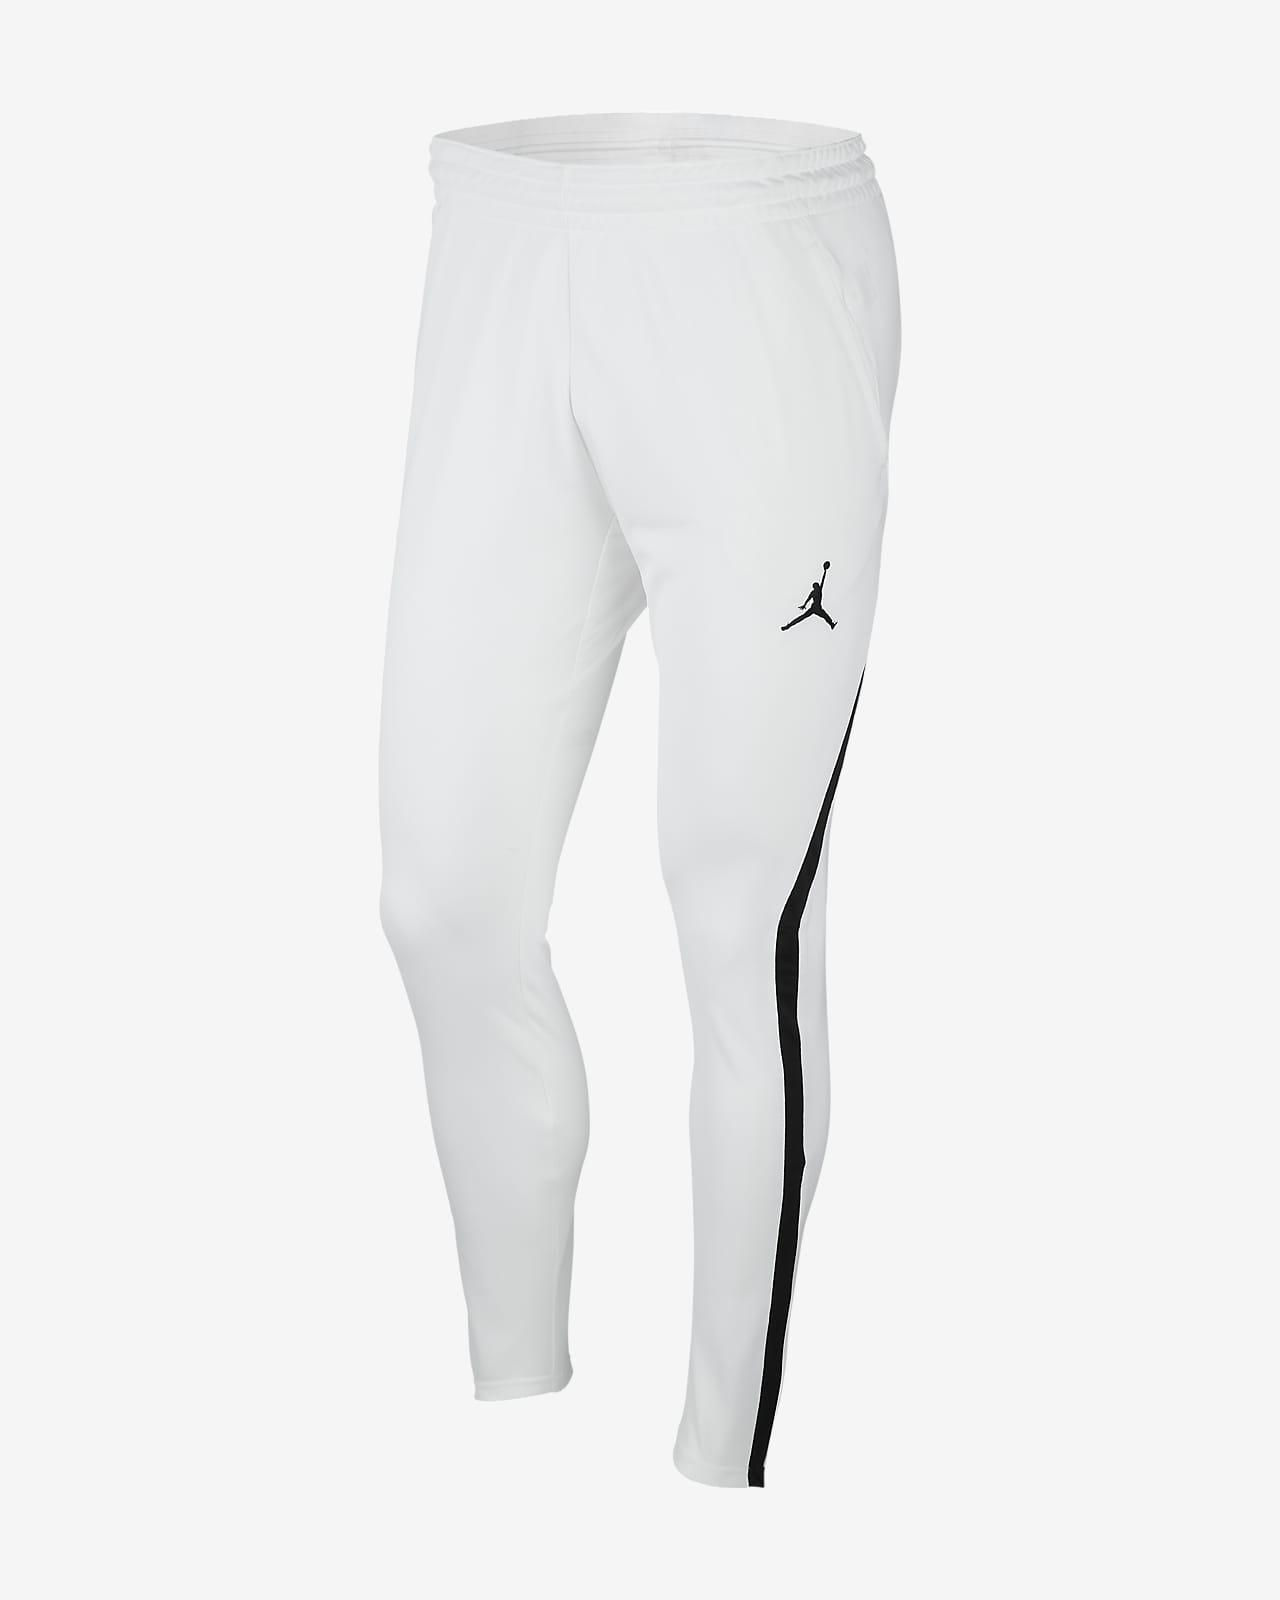 Jordan 23 Alpha Dri-FIT Men's Pants